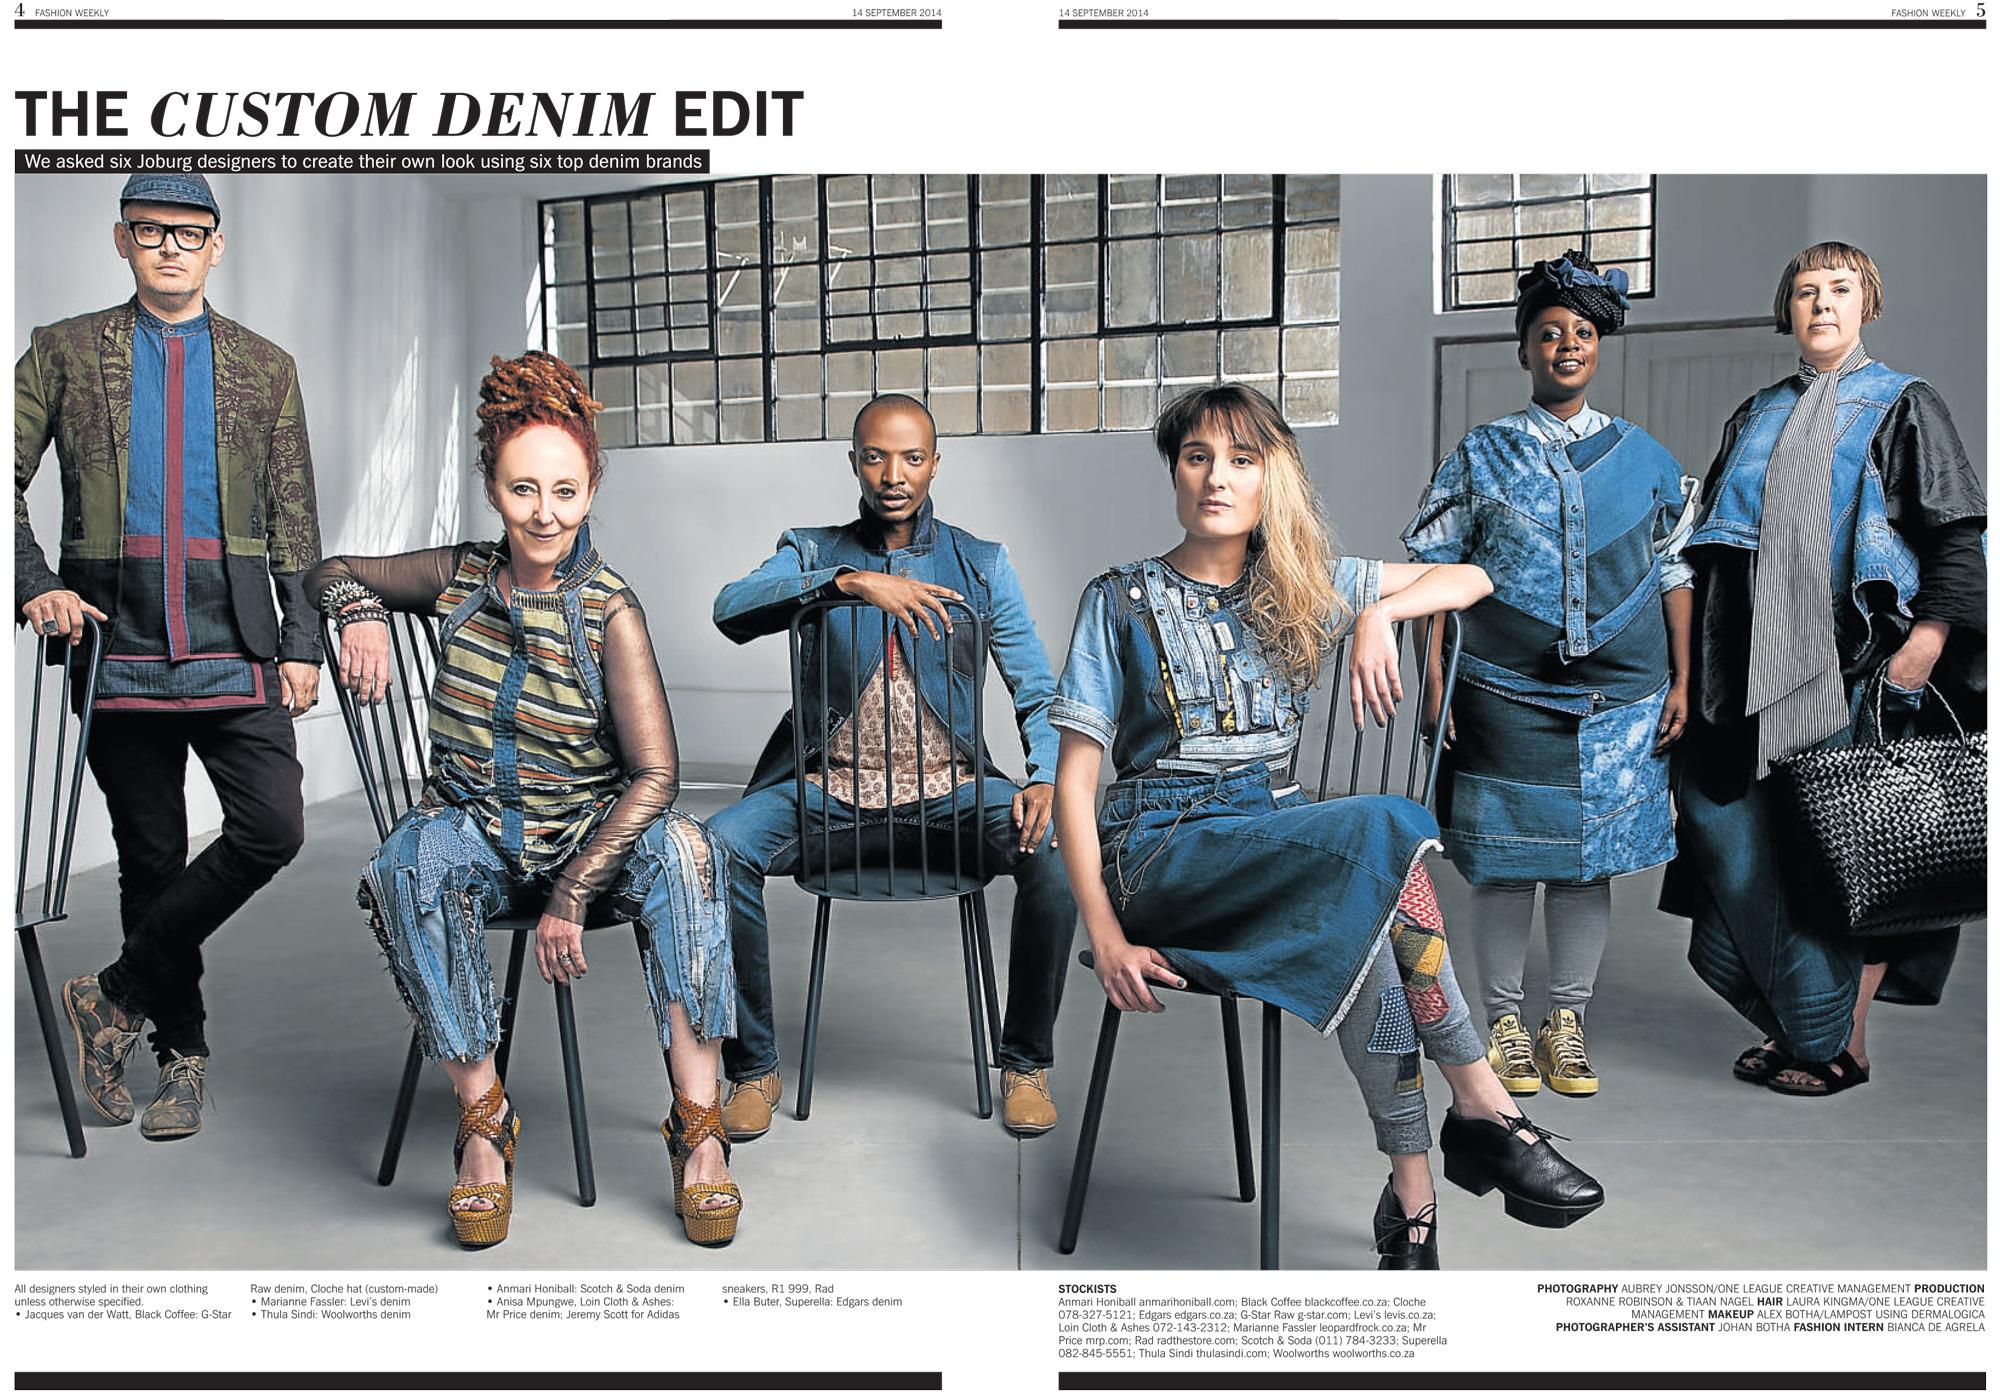 The Custom Denim Edit in Sunday Times Fashion Weekly